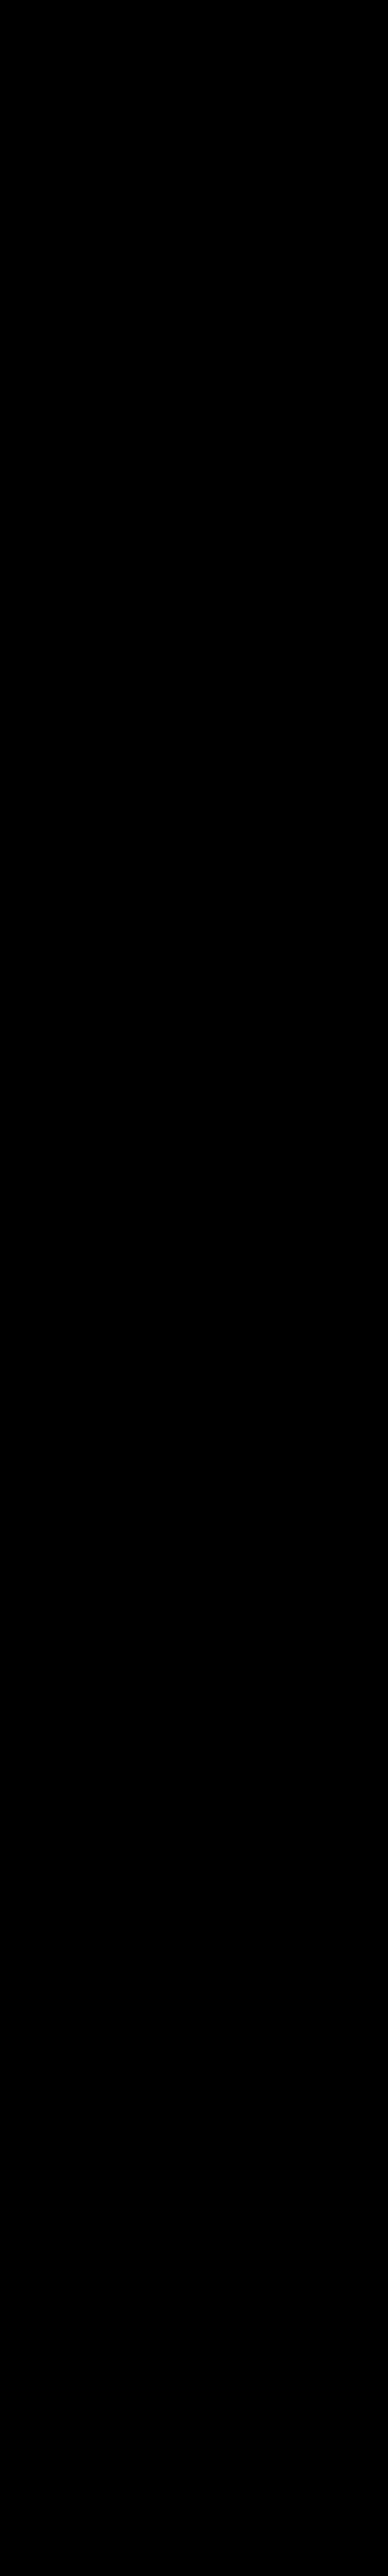 スーパーミニプラ 五神合体 隠大将軍&ツバサマルセット【プレミアムバンダイ限定】